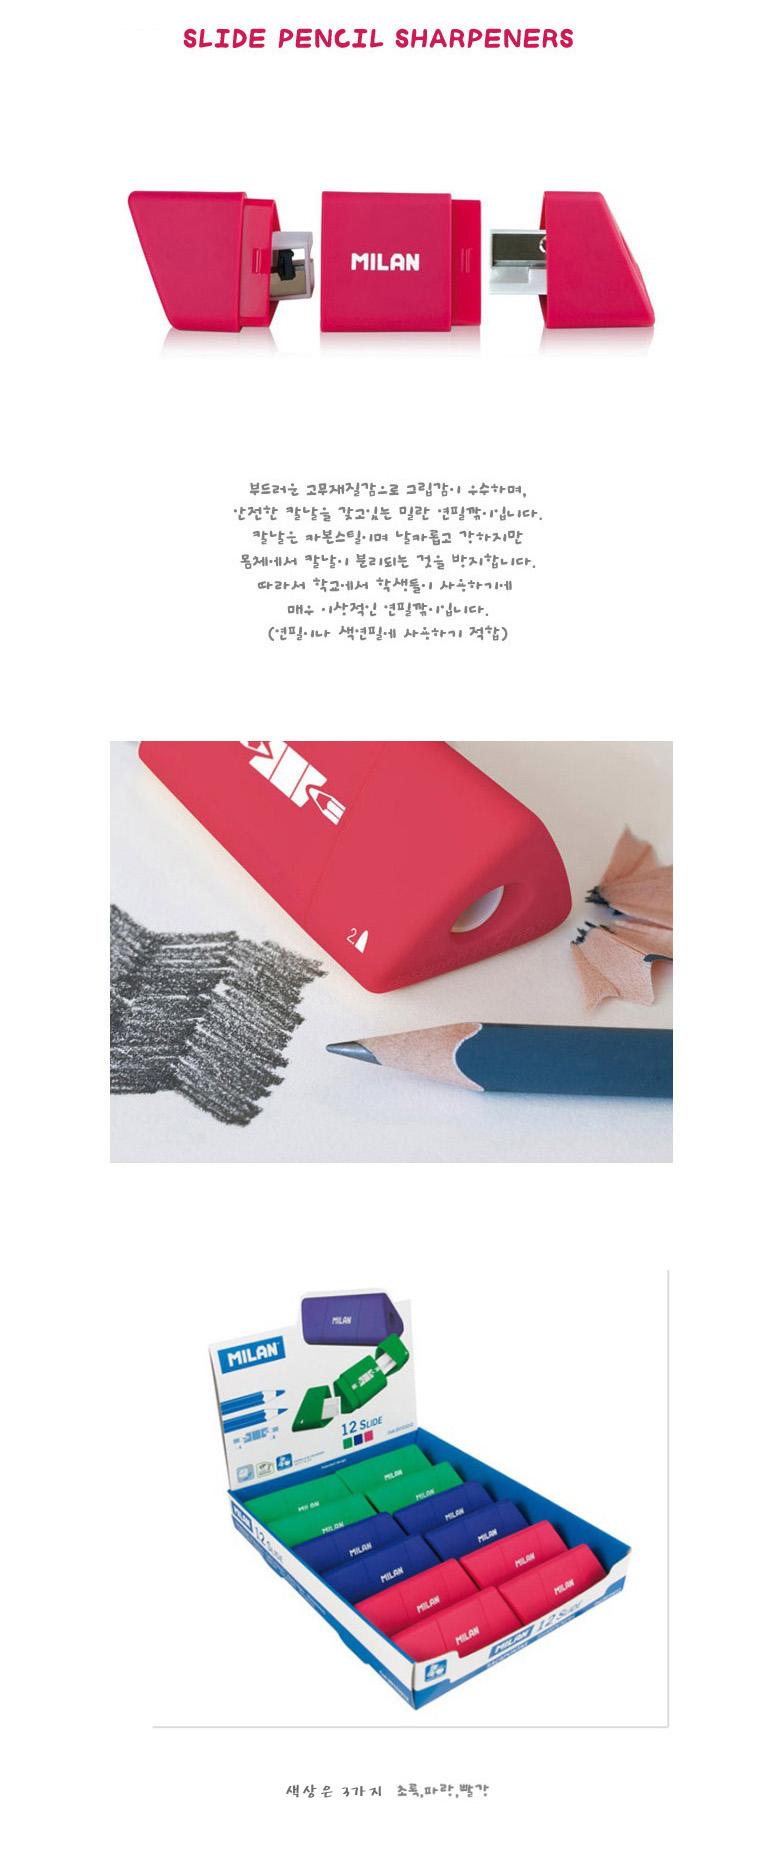 MILAN SLIDE 밀란 슬라이드 연필깎이 - 펜스테이션, 3,000원, 필기구 소품, 연필깎이